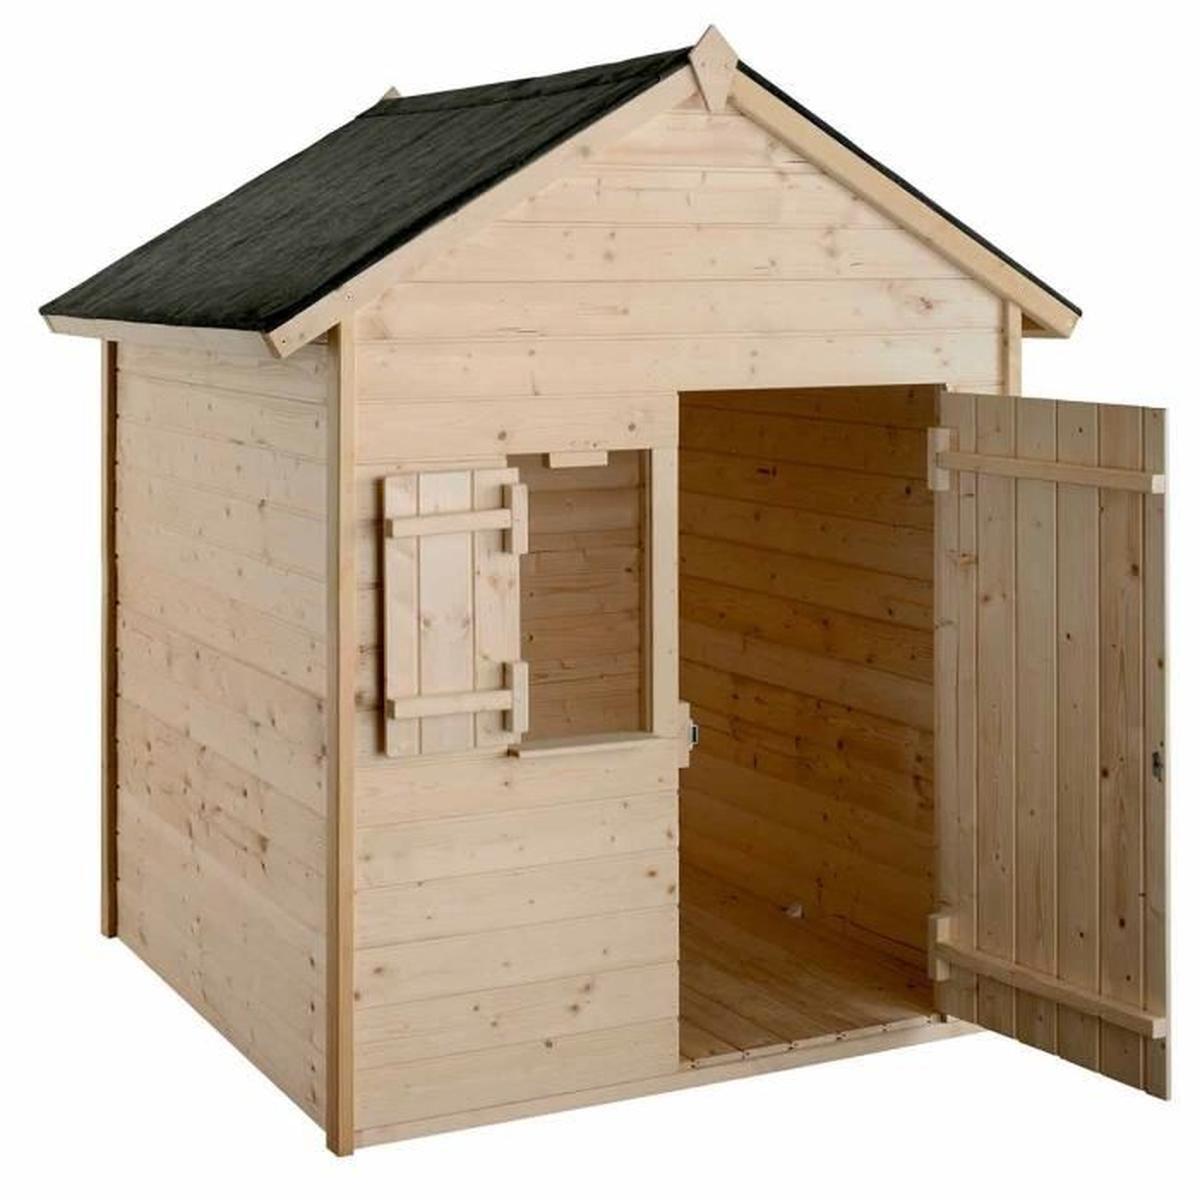 Cabane En Bois Janaka Nc - Achat / Vente Maisonnette ... pour Maisonnette De Jardin Pas Cher